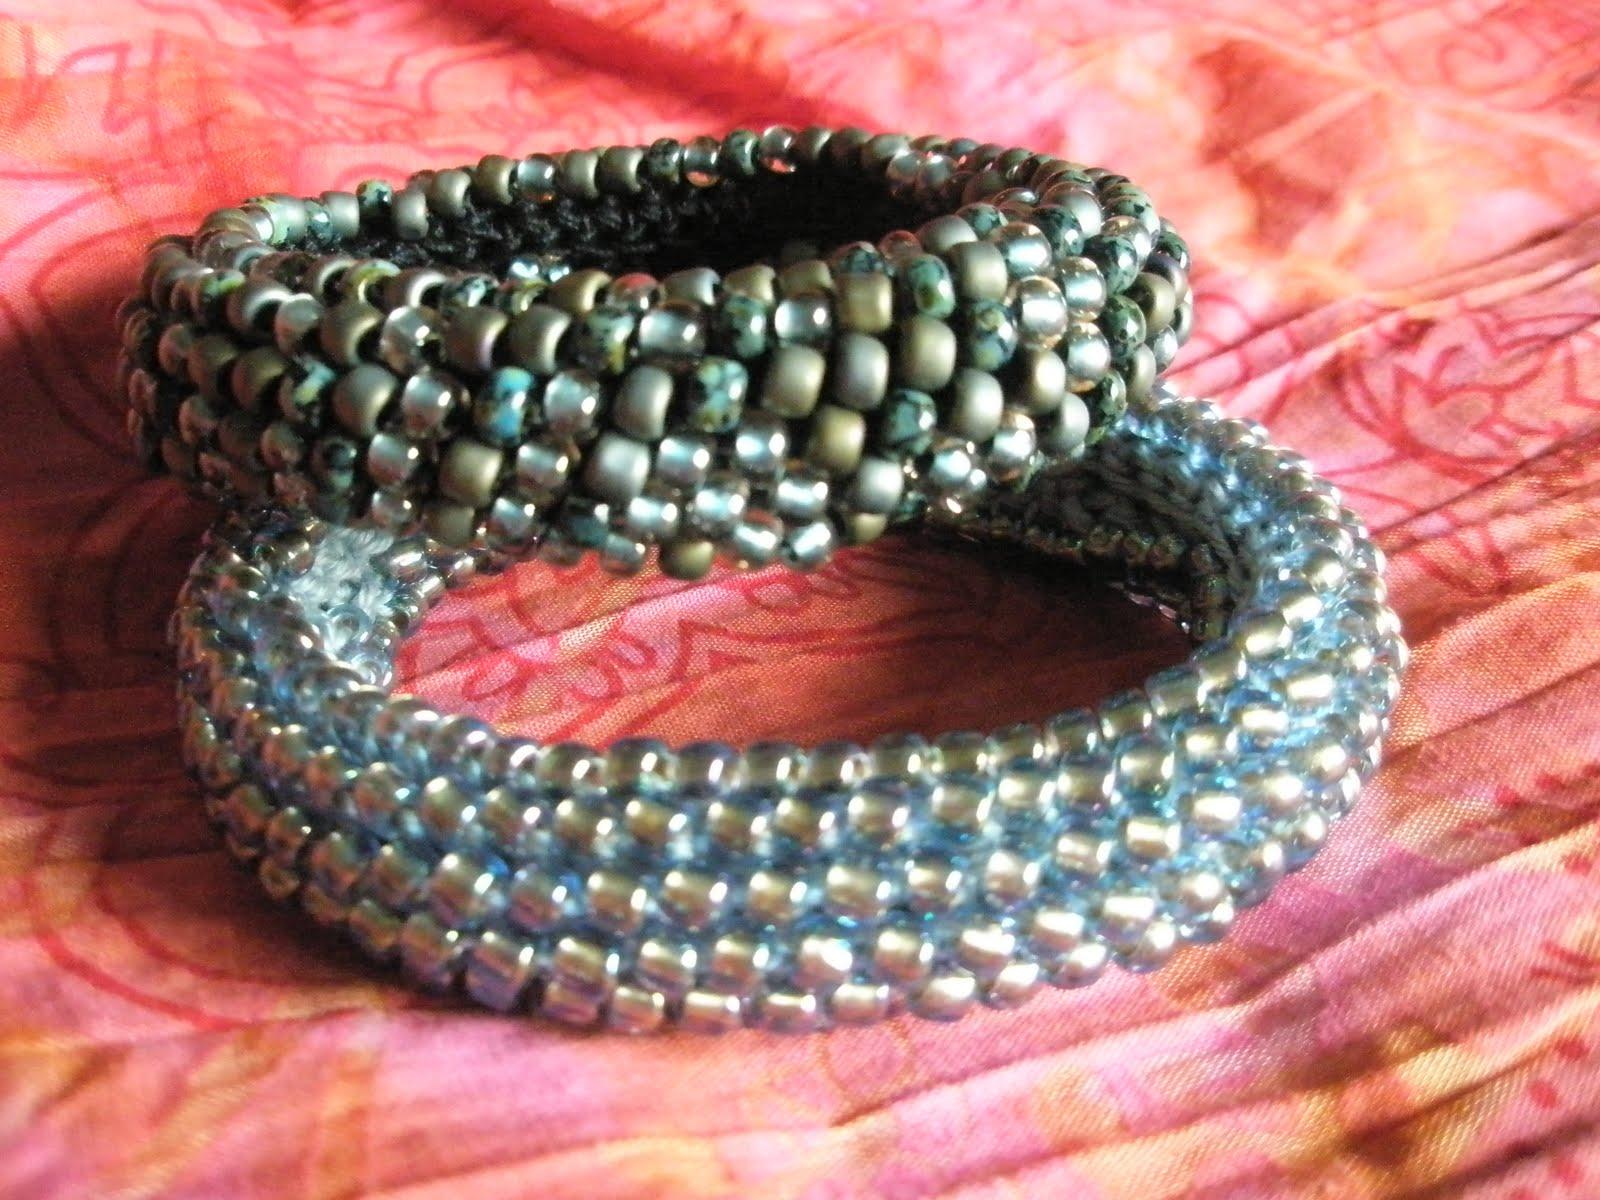 Armband h keln mit perlen my blog - Perlenarmband basteln ...